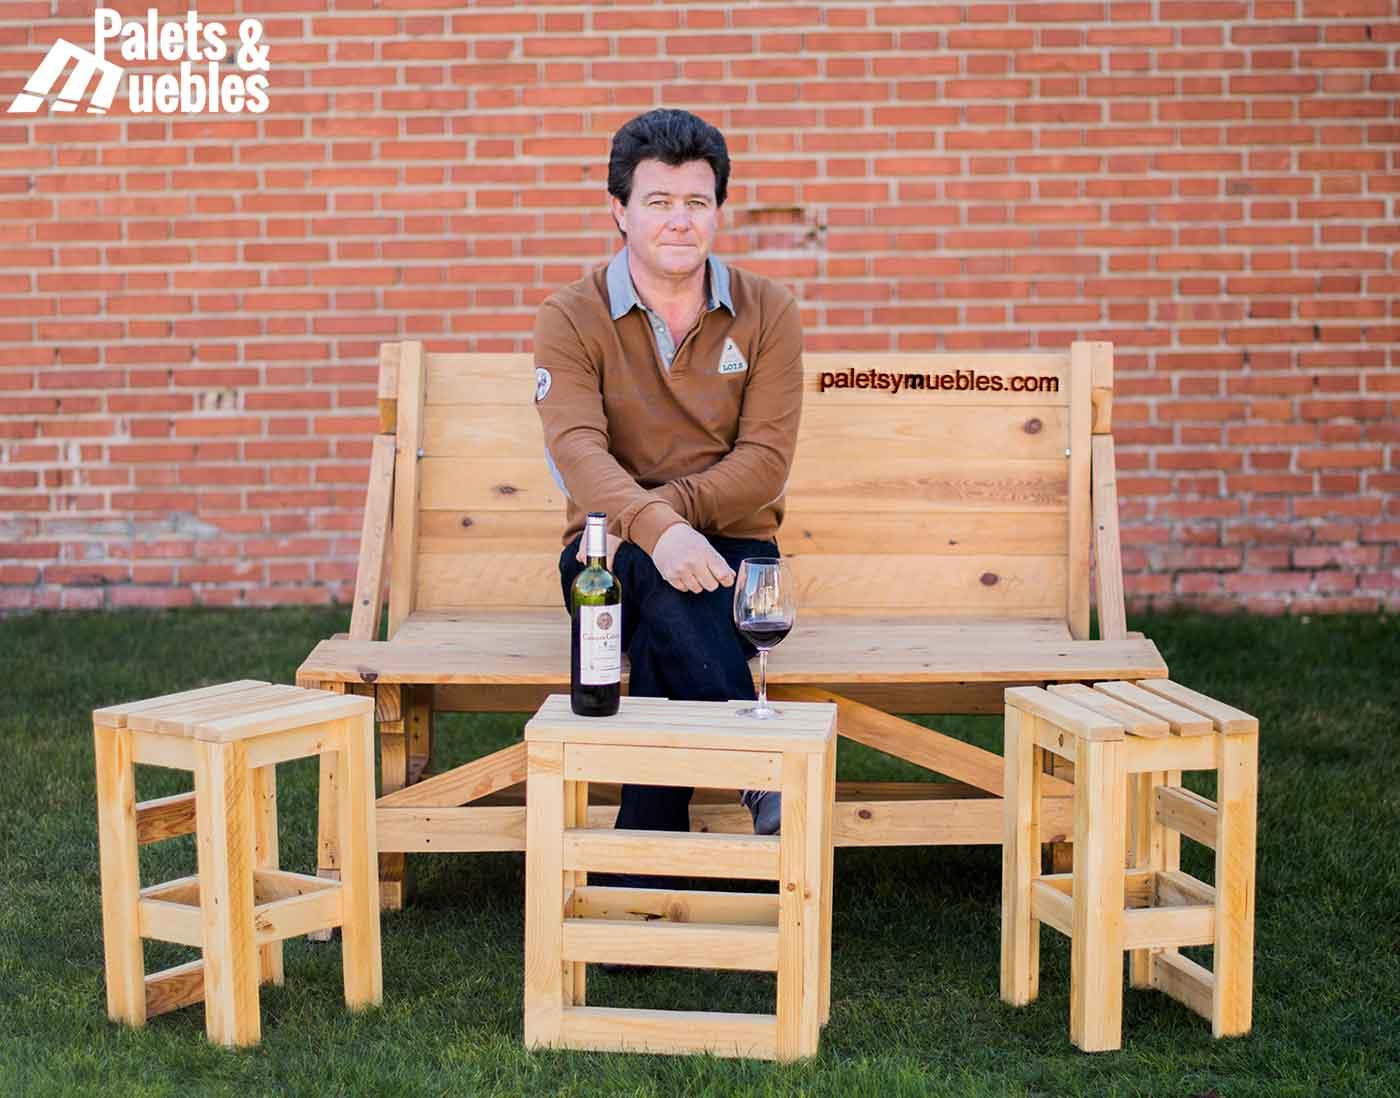 Mesa banco de palets reciclados palets y muebles for Muebles de palets reciclados